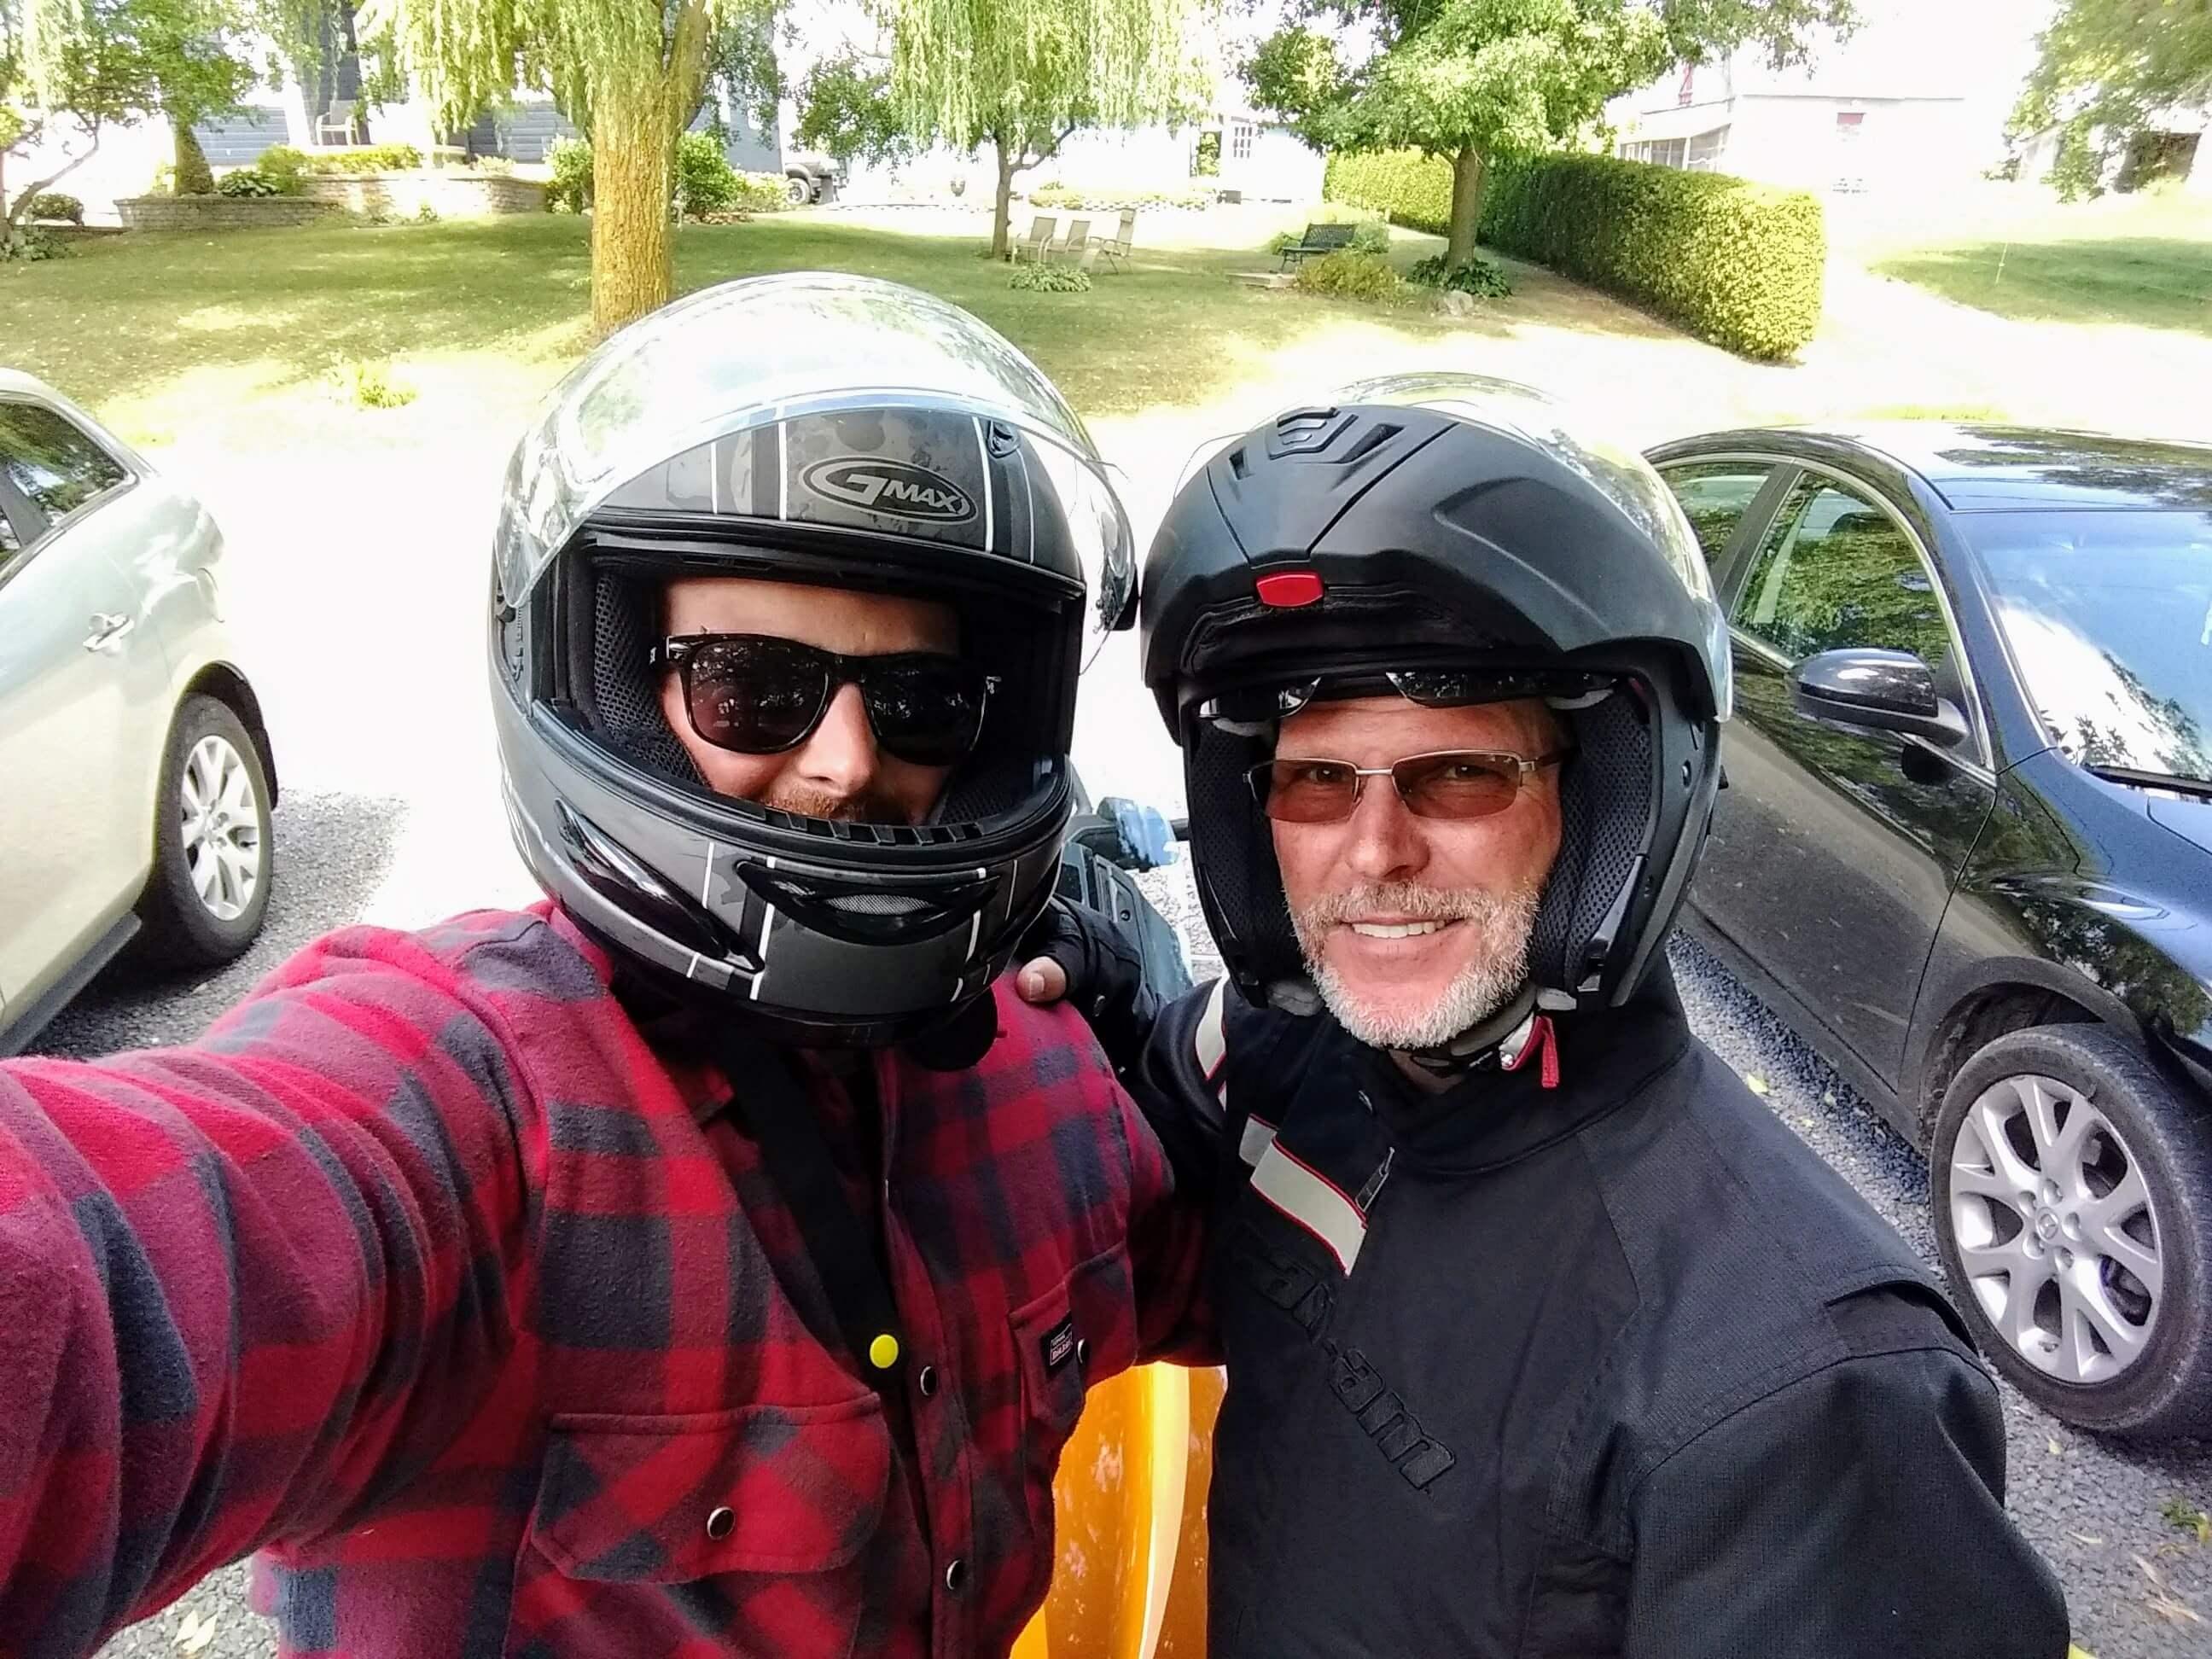 père et fils prêts à faire de la moto